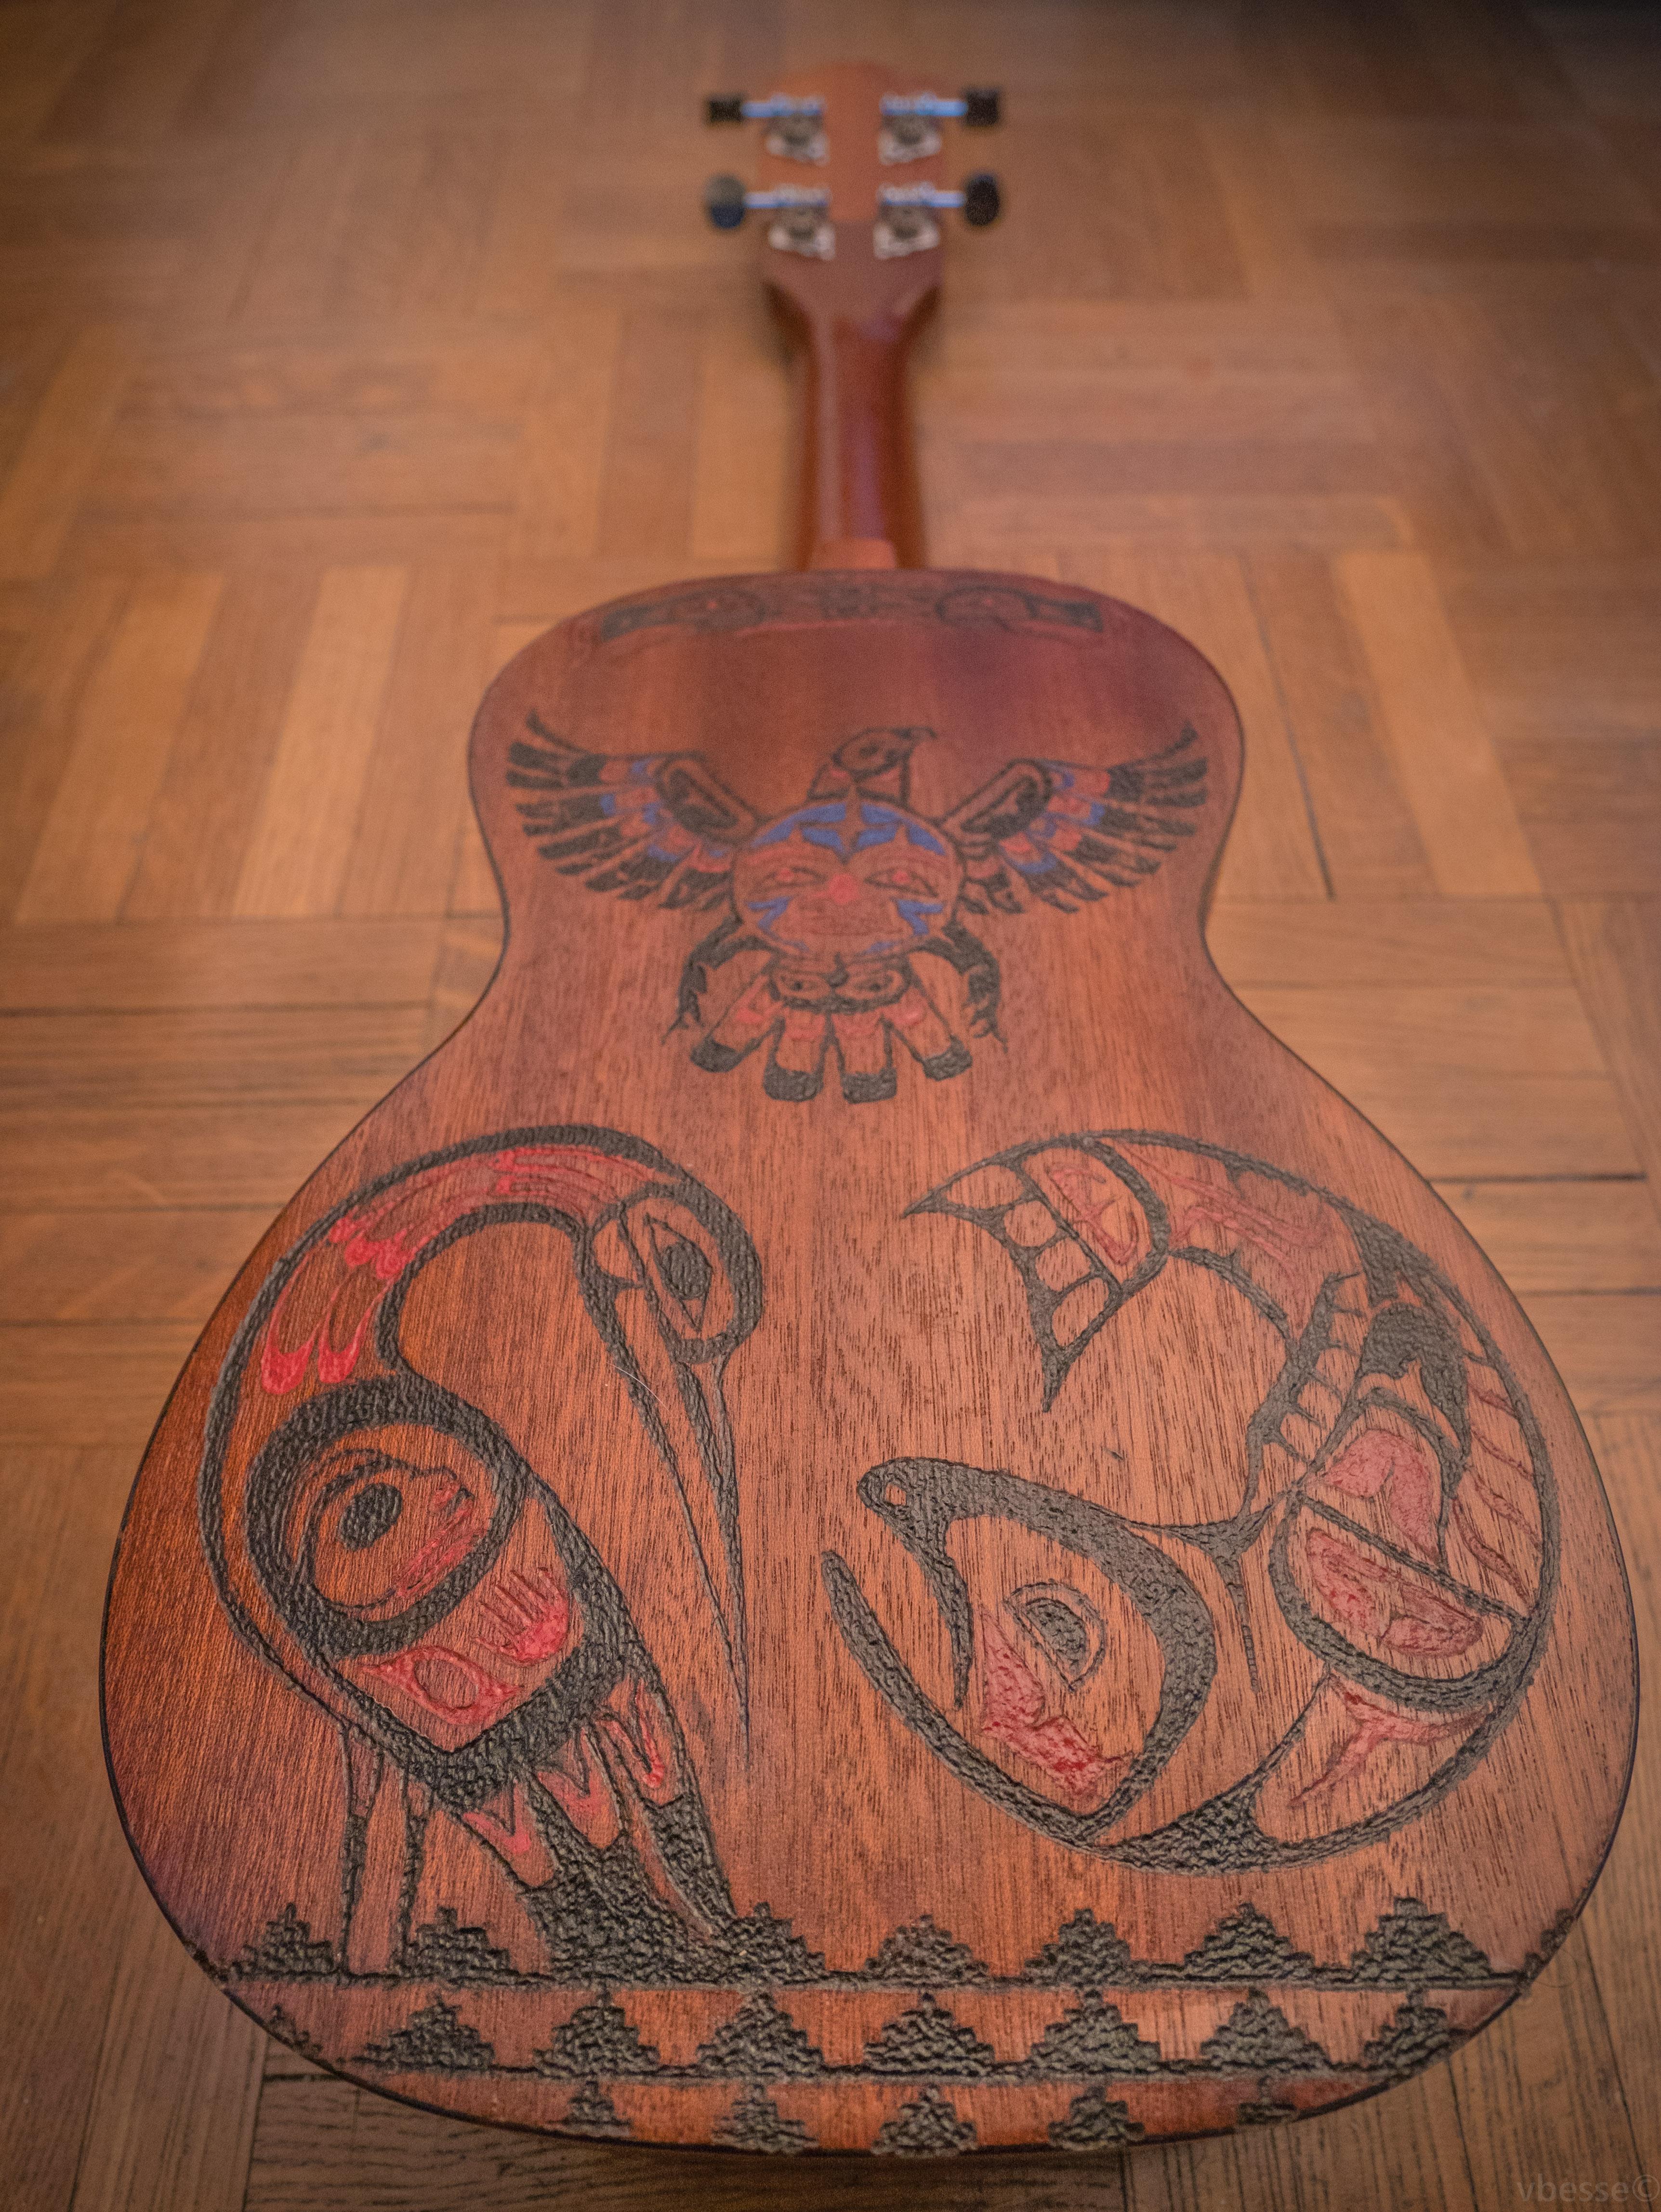 Ukulele engraving 2 - Back